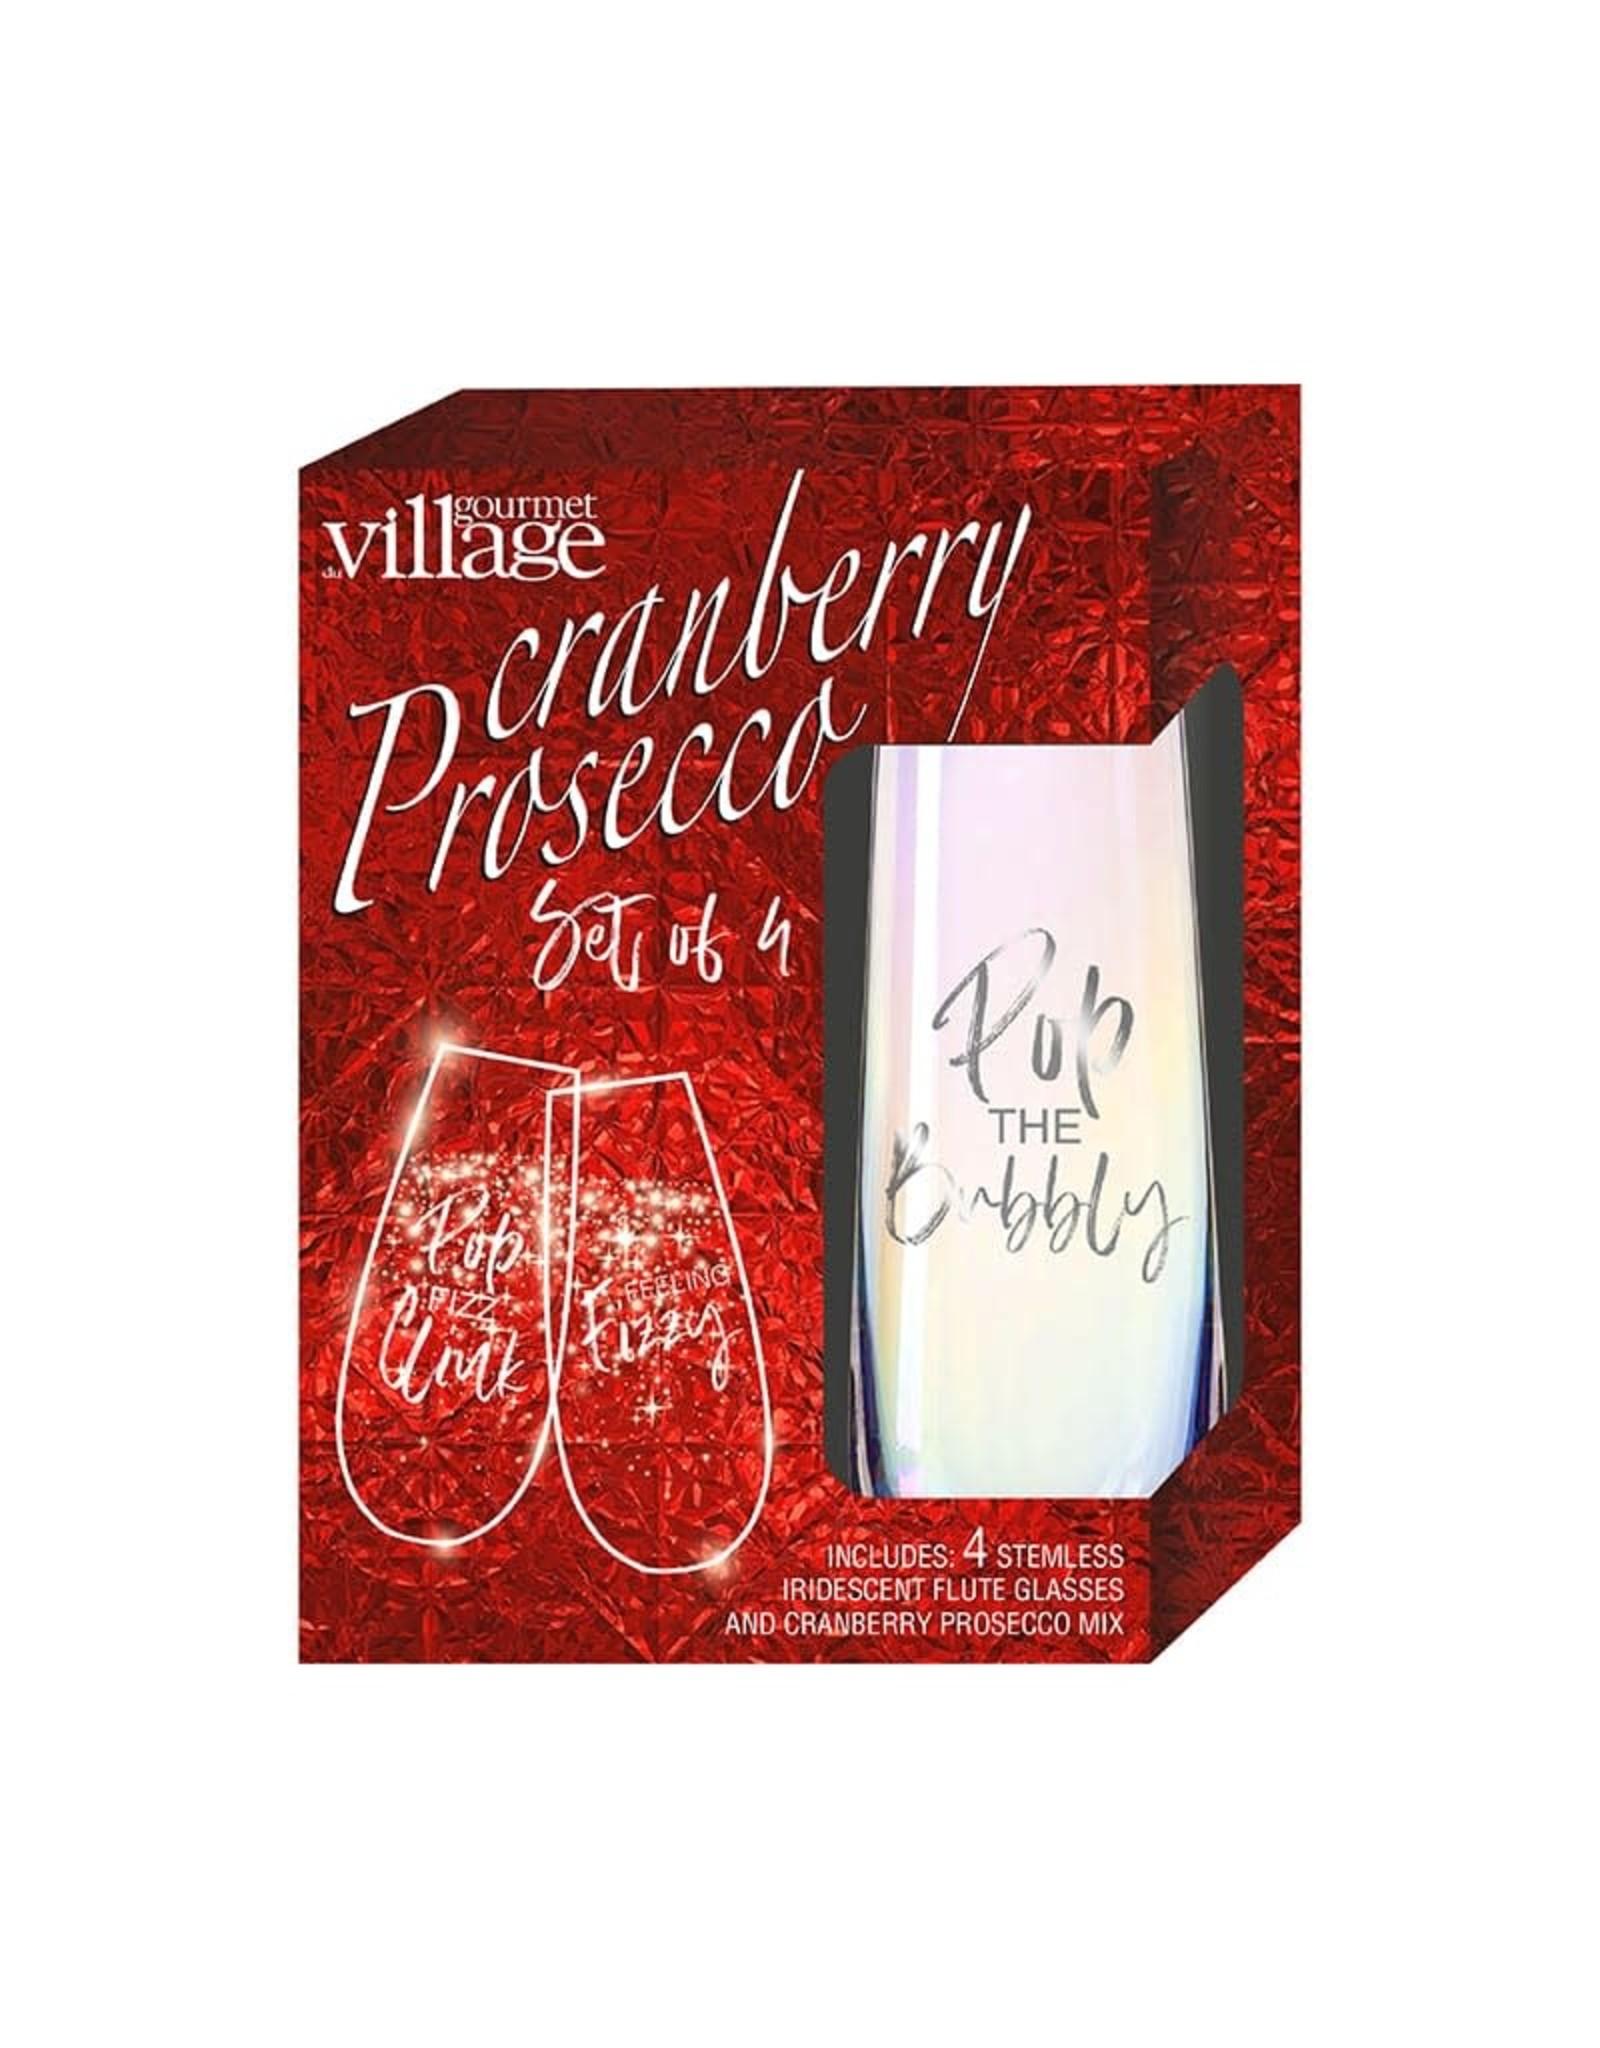 Gourmet du Village Cranberry Prosecco, Set Of 4